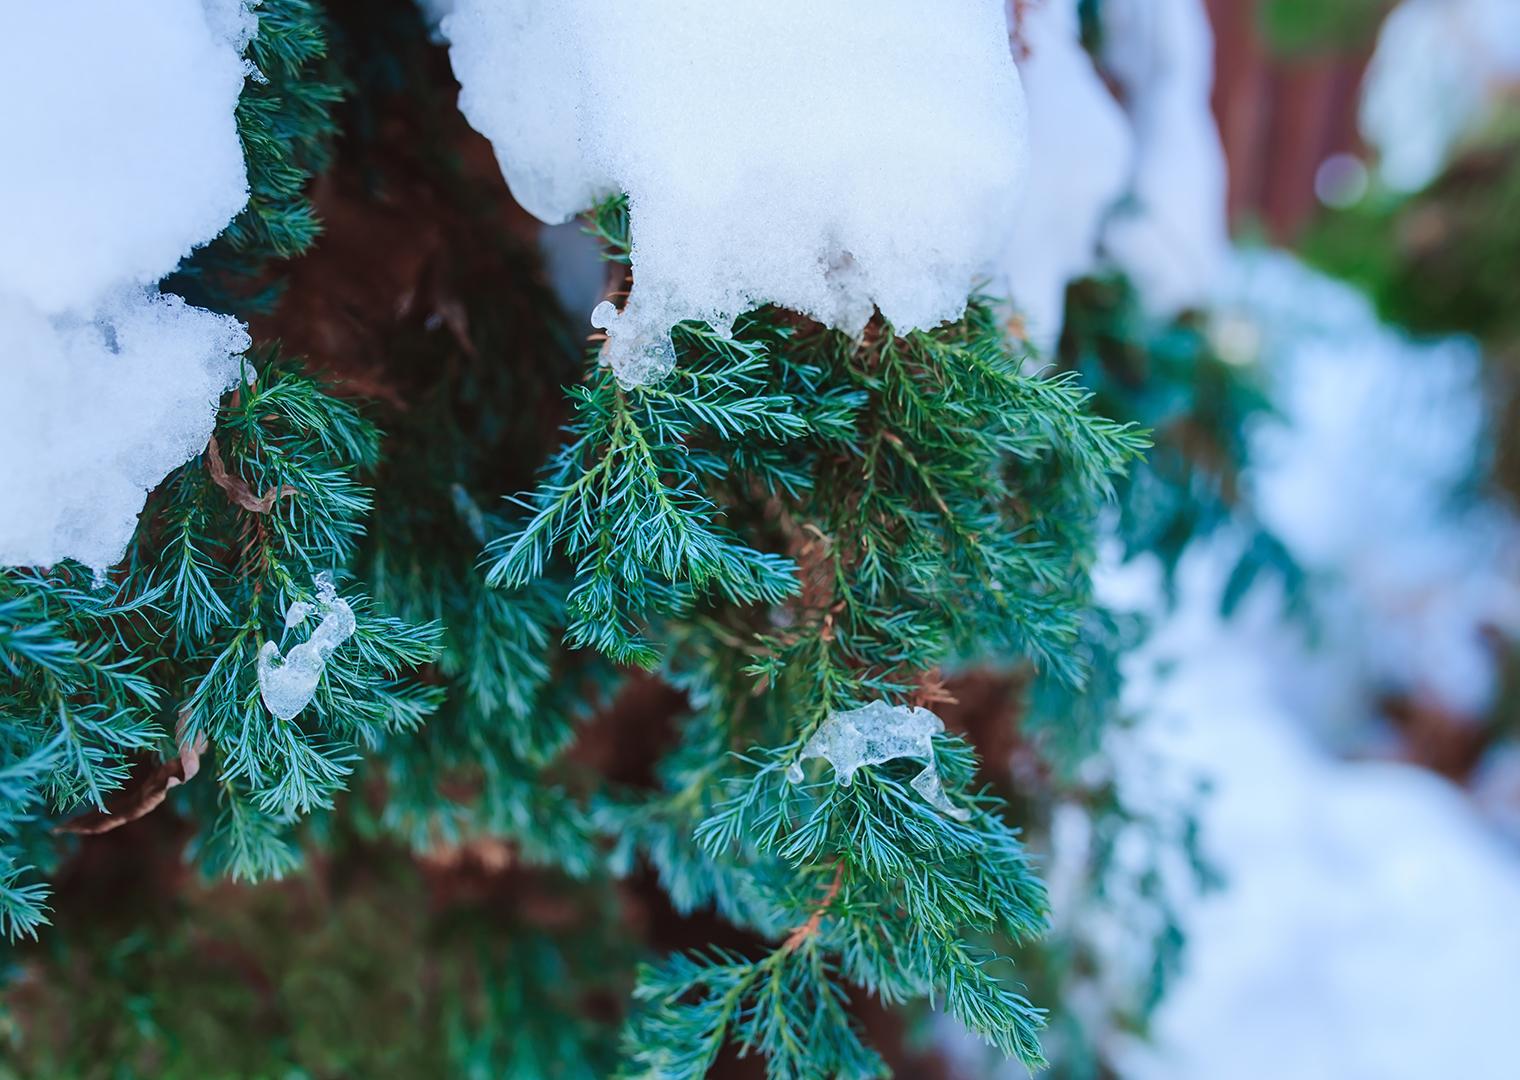 Garten im Winter: Hecke mit Schnee bedeckt